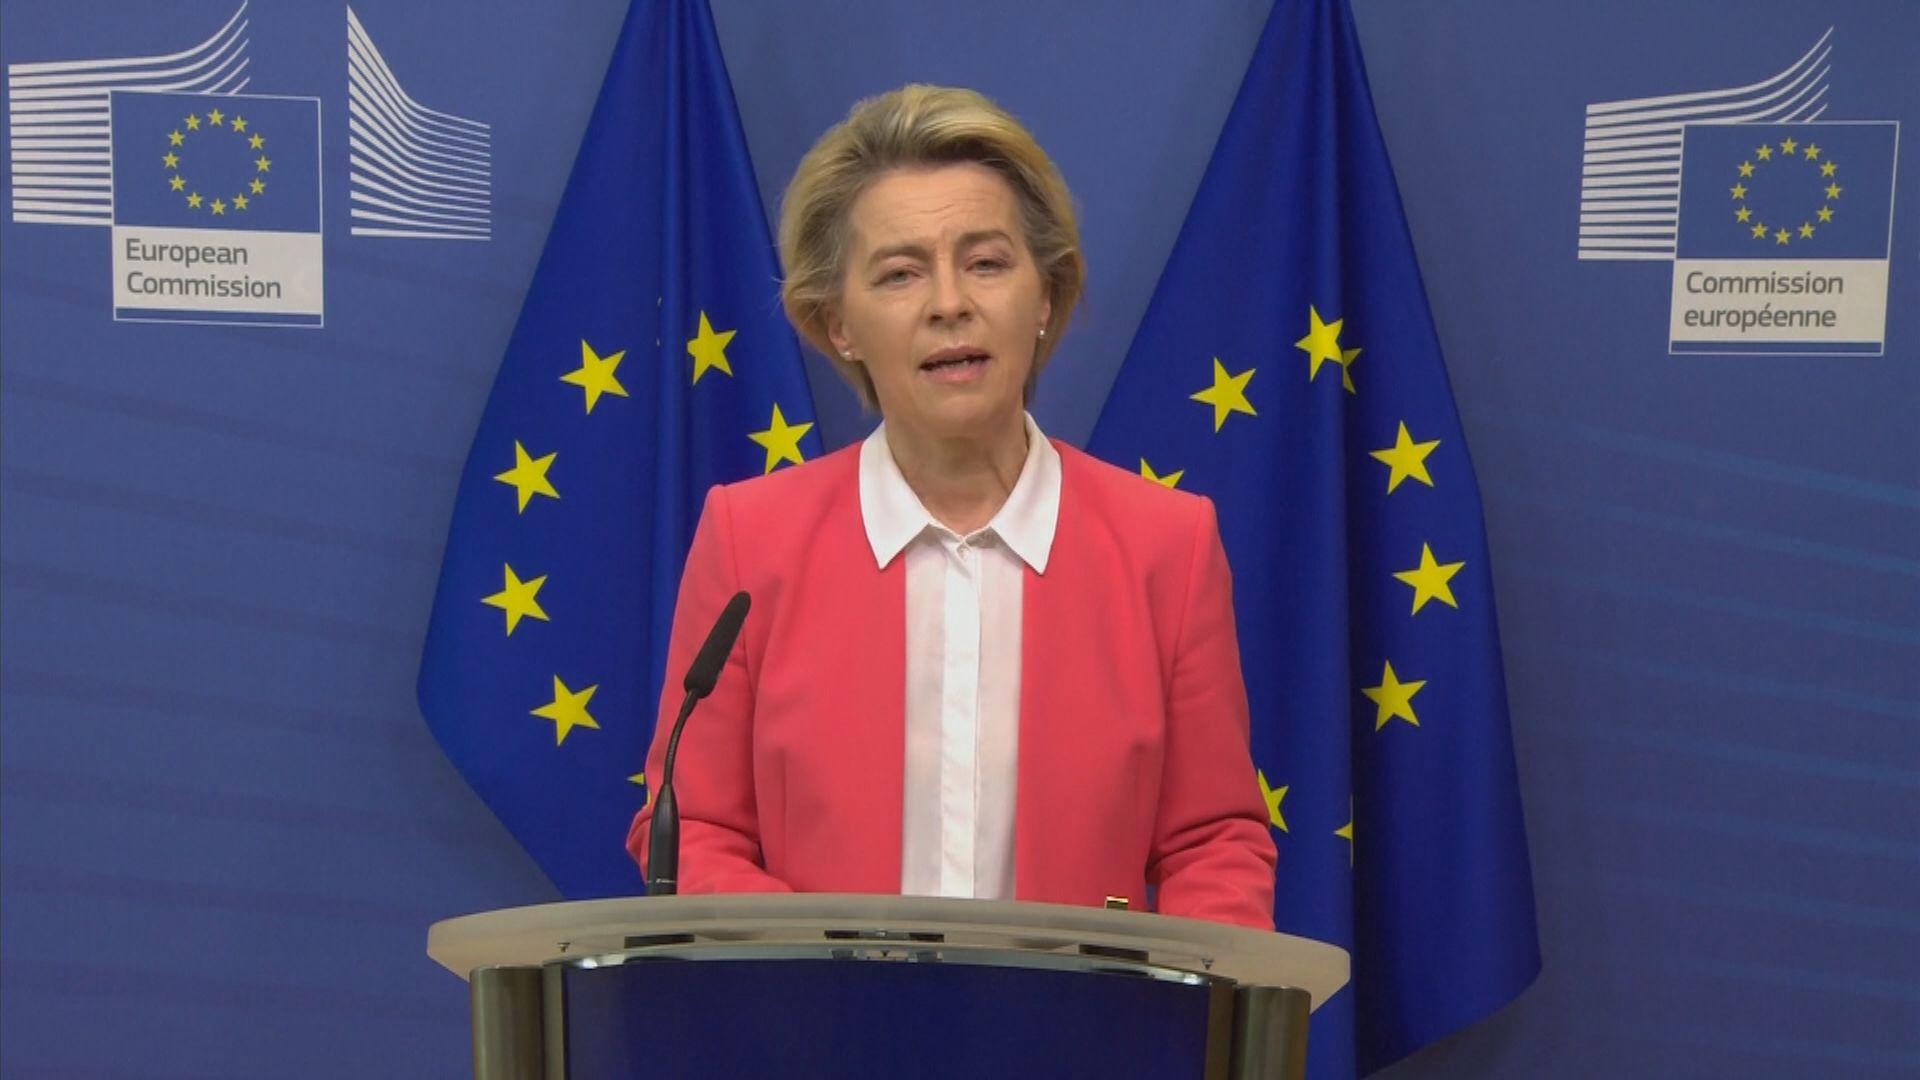 約翰遜稱英國歐盟分歧大 不排除沒協議